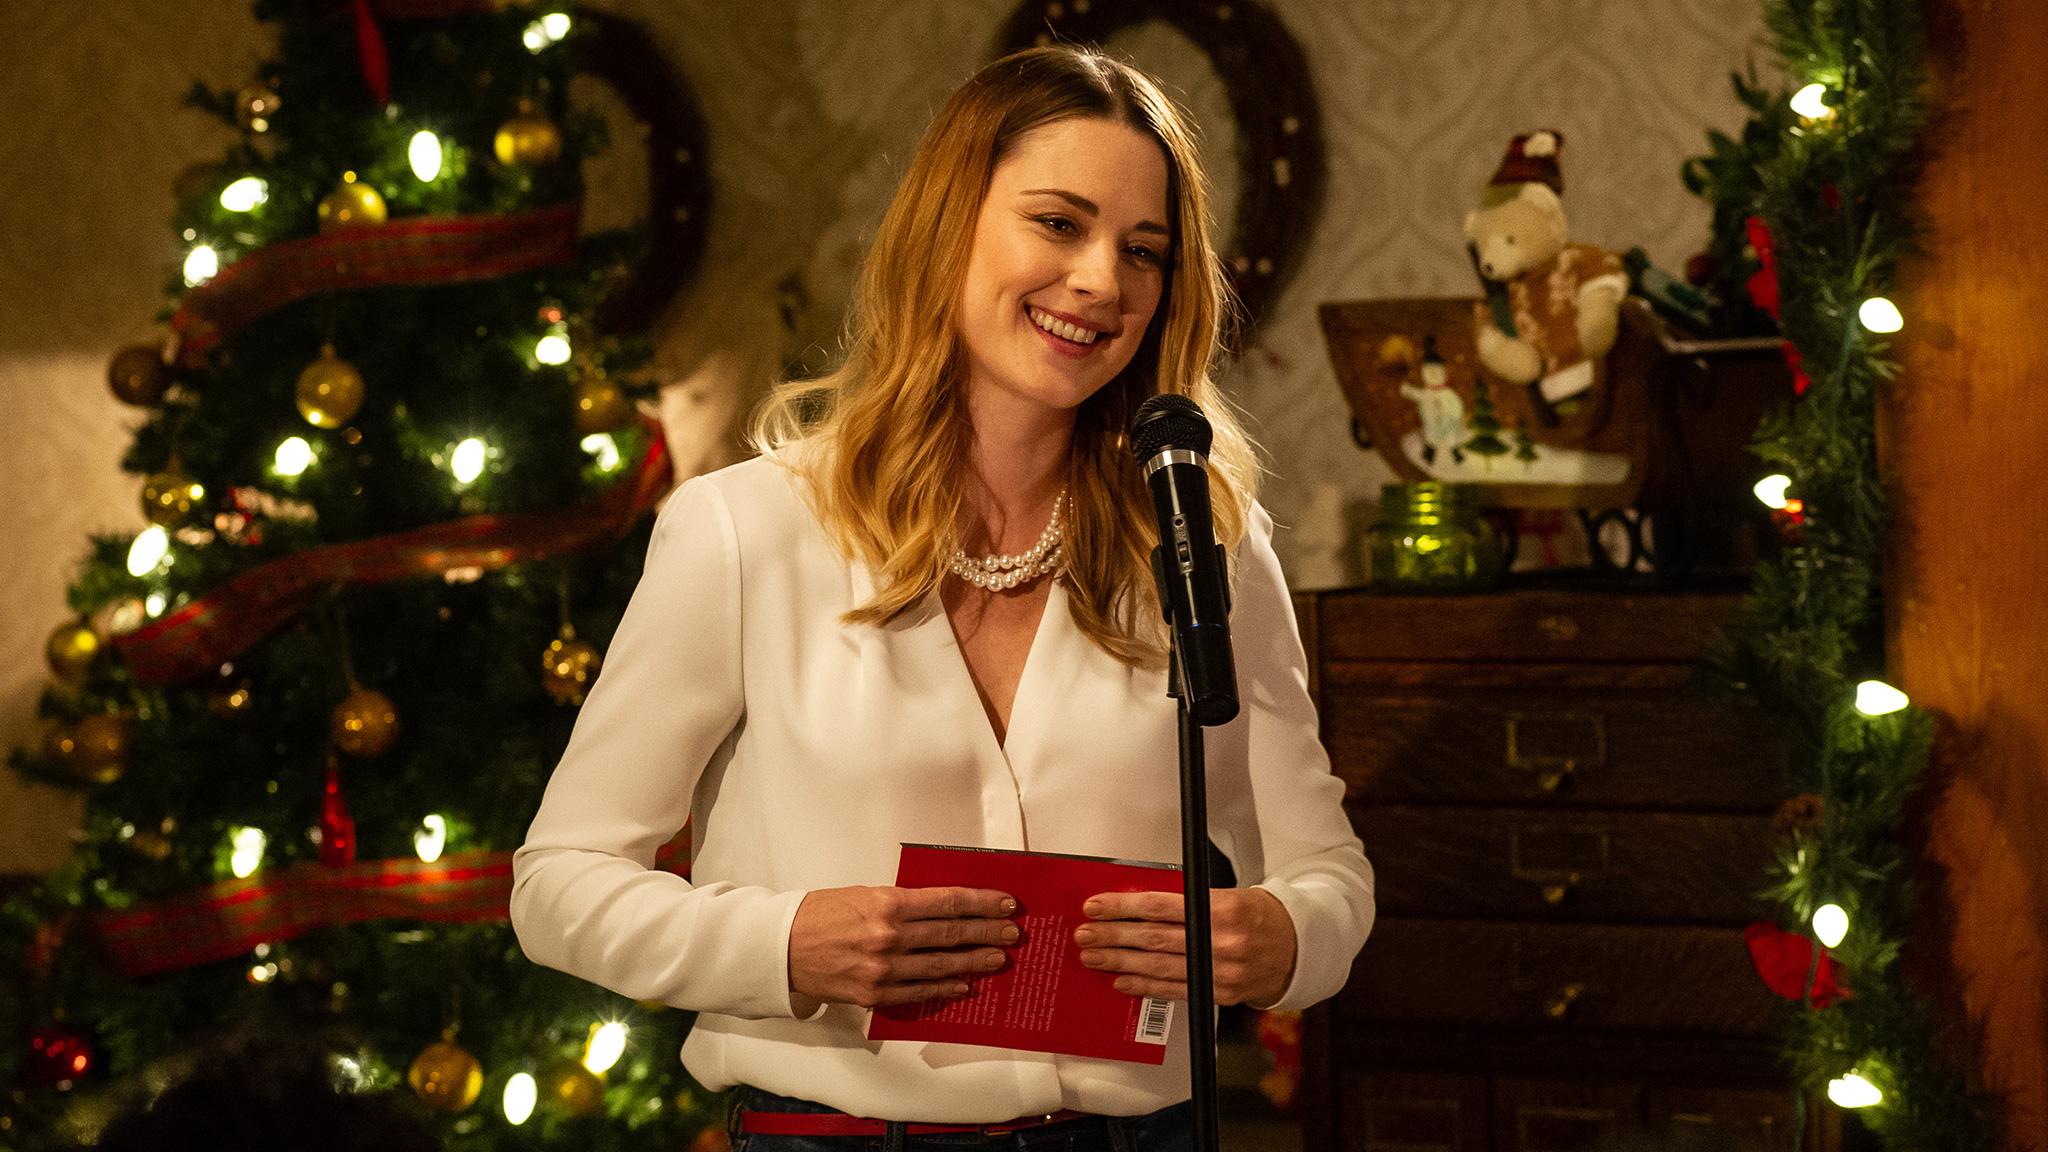 Natale fuori città film attori